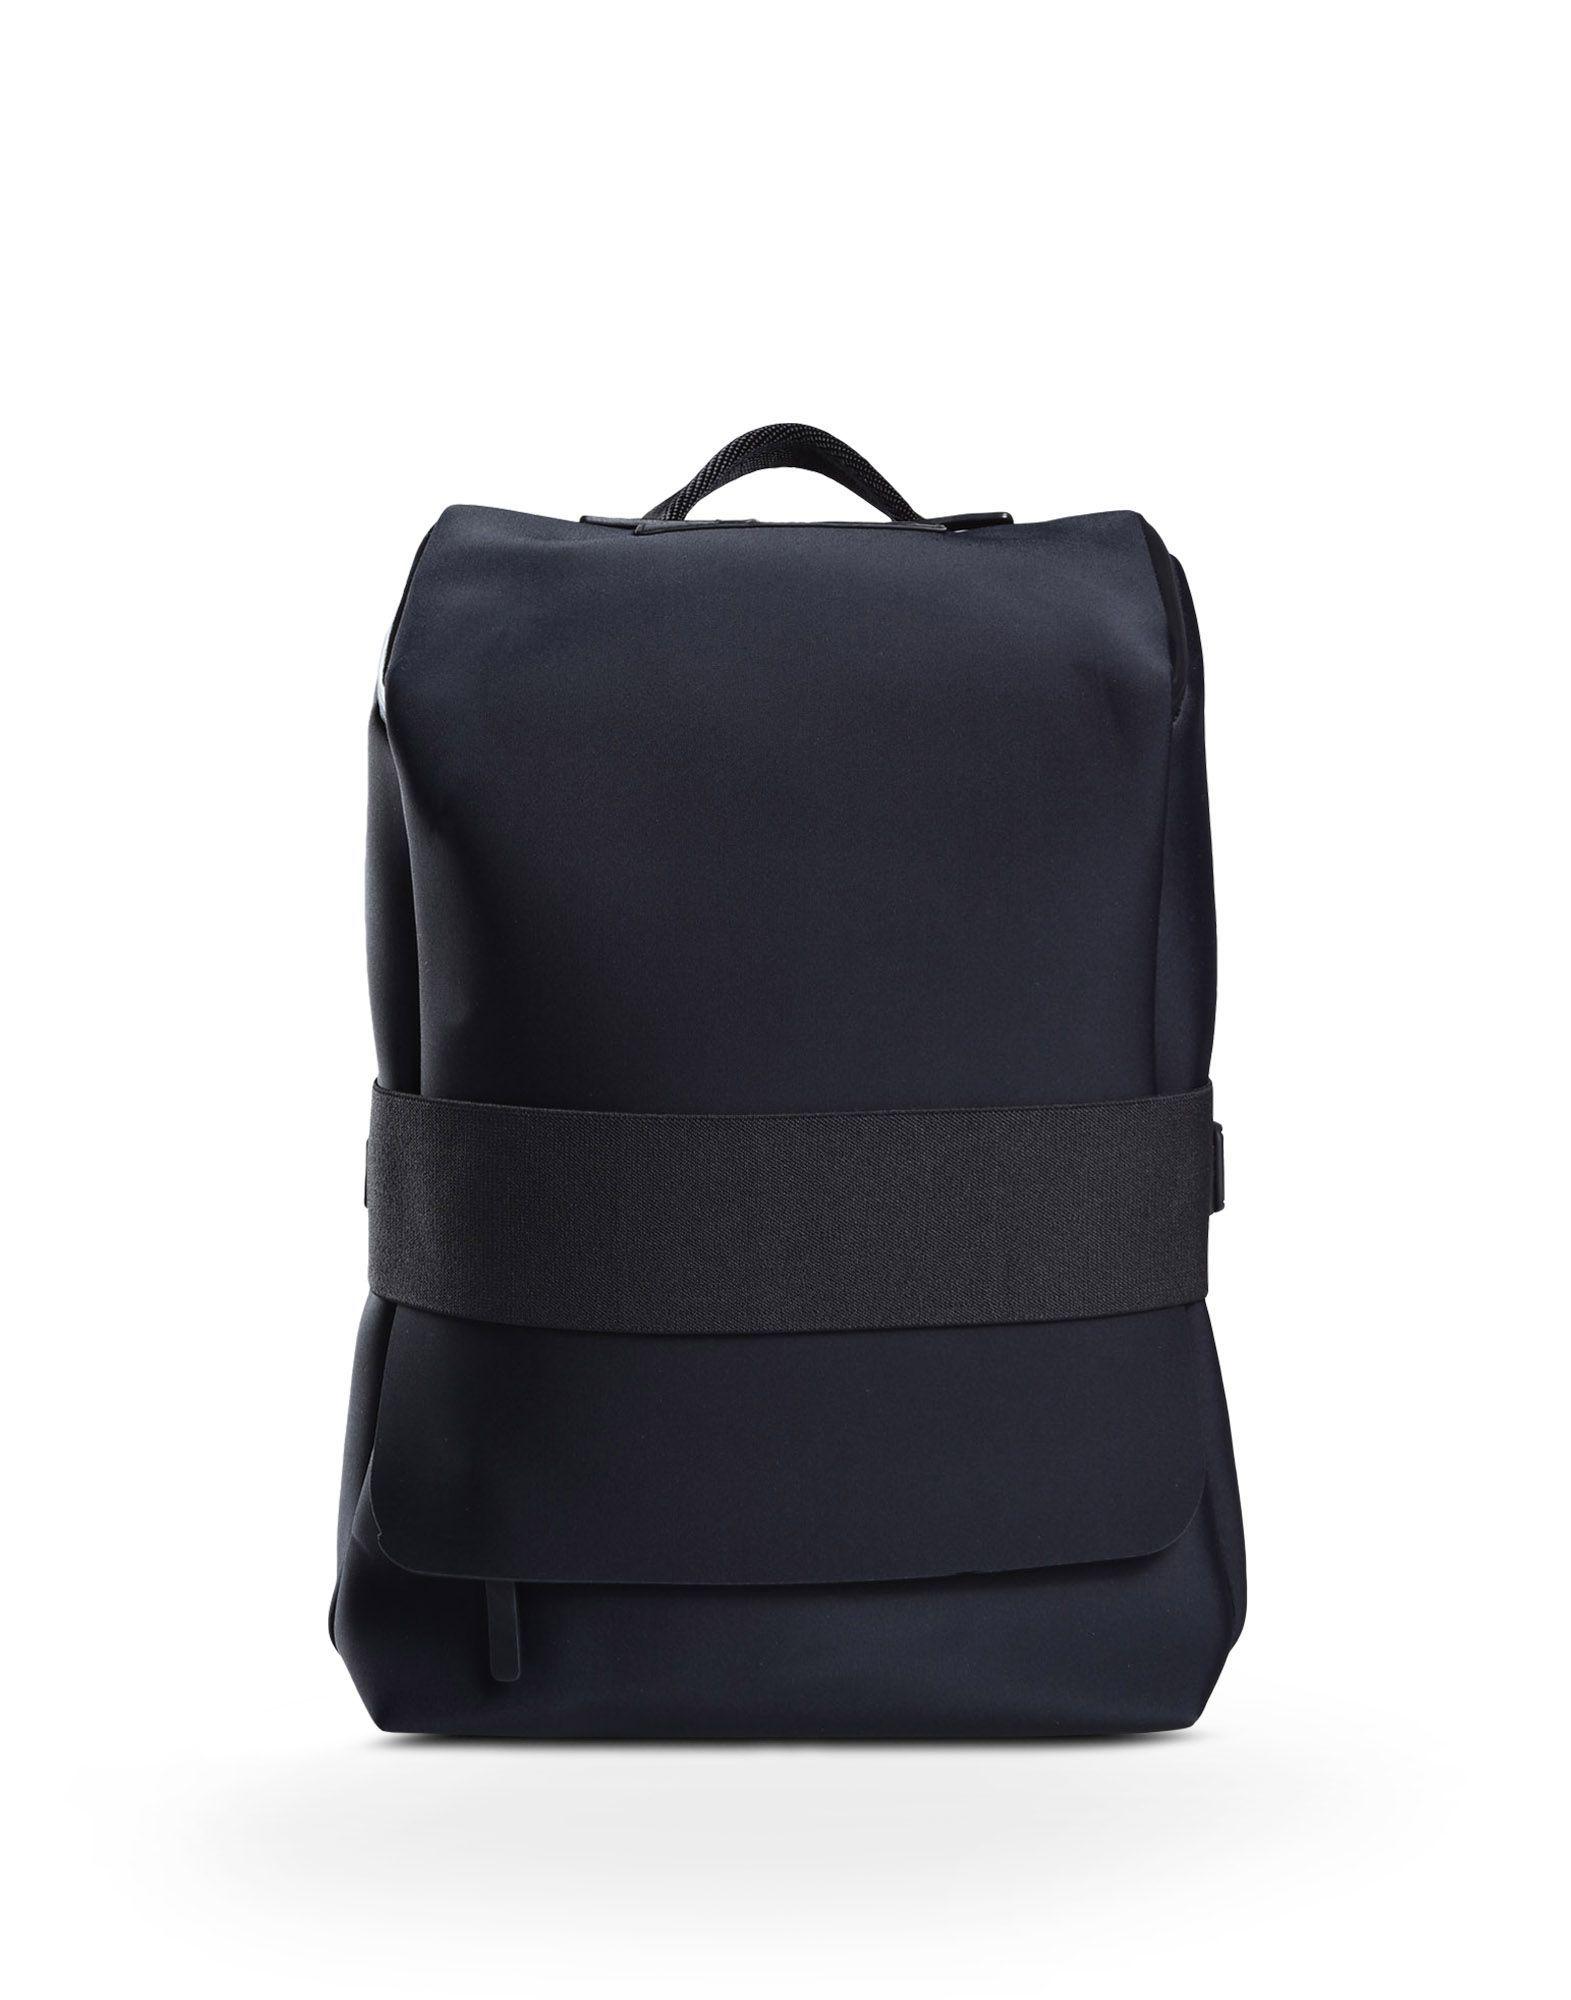 76dabfdc5a0f Y-3 QASA BACKPACK SMALL BAGS unisex Y-3 adidas